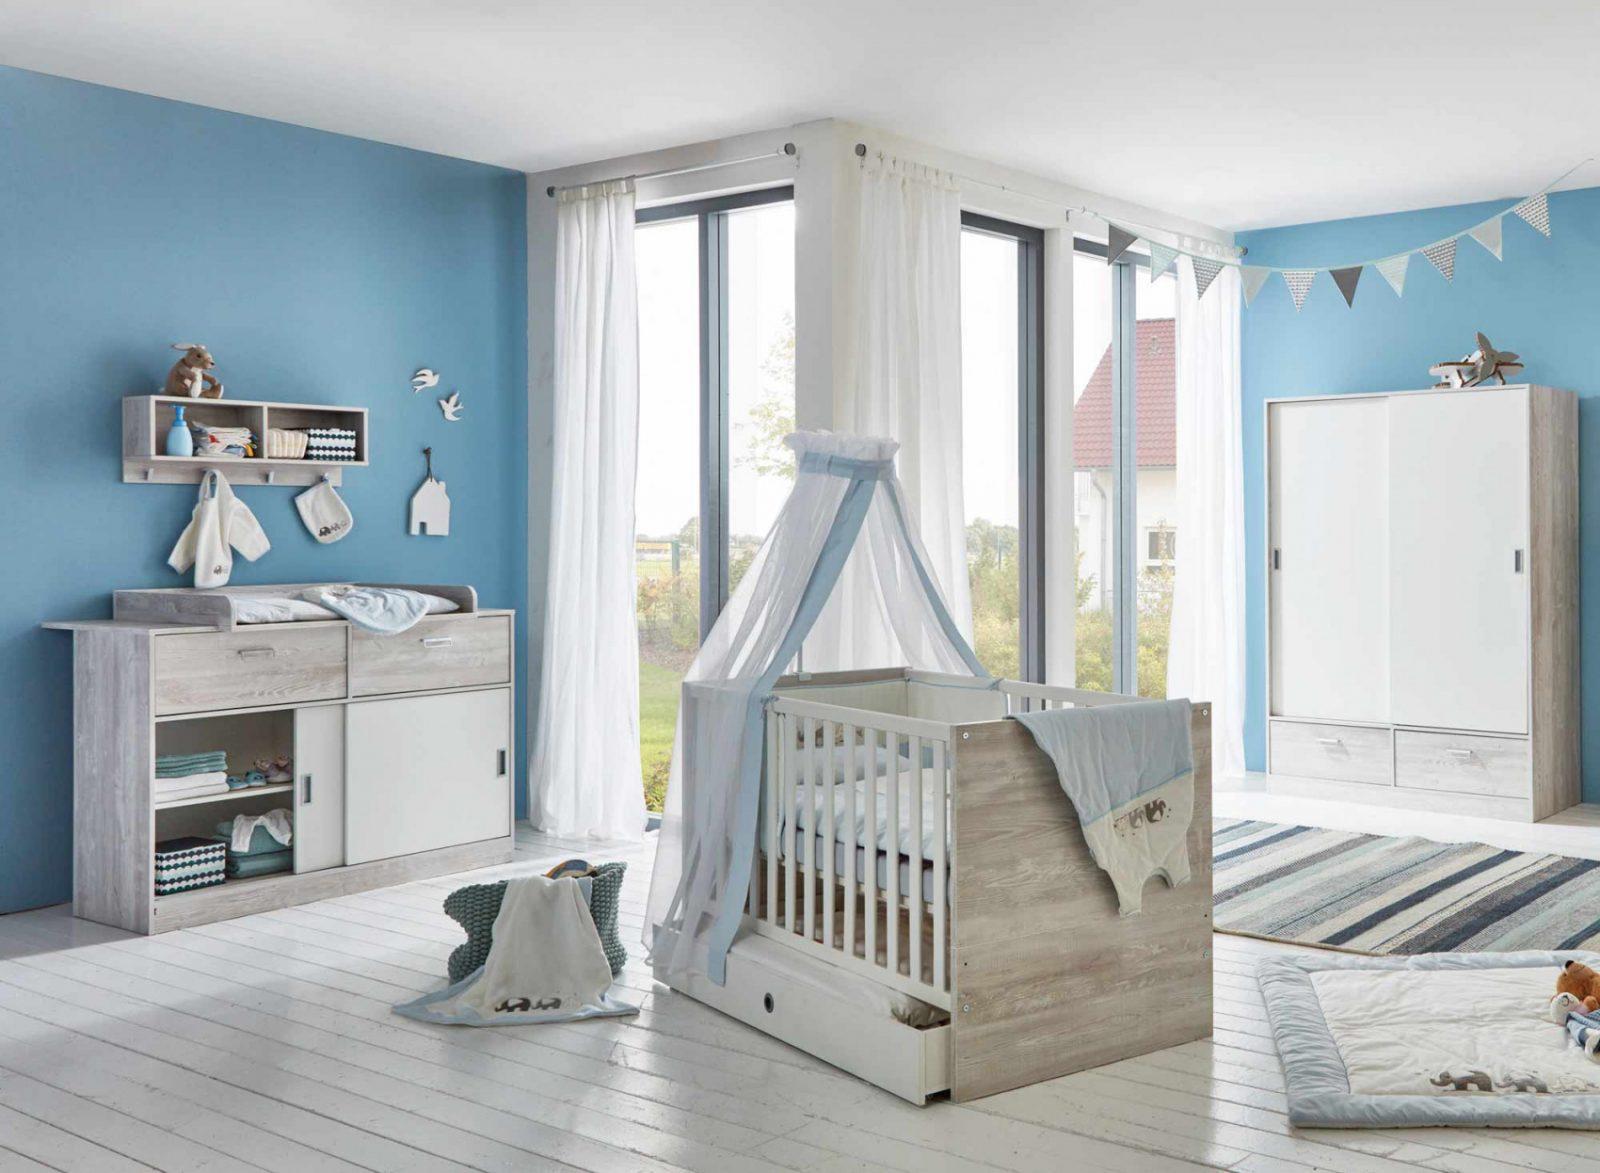 Babyzimmer Kinderzimmer Pinie Grau Weiß 4Tlg von Babyzimmer Grau Weiß Photo